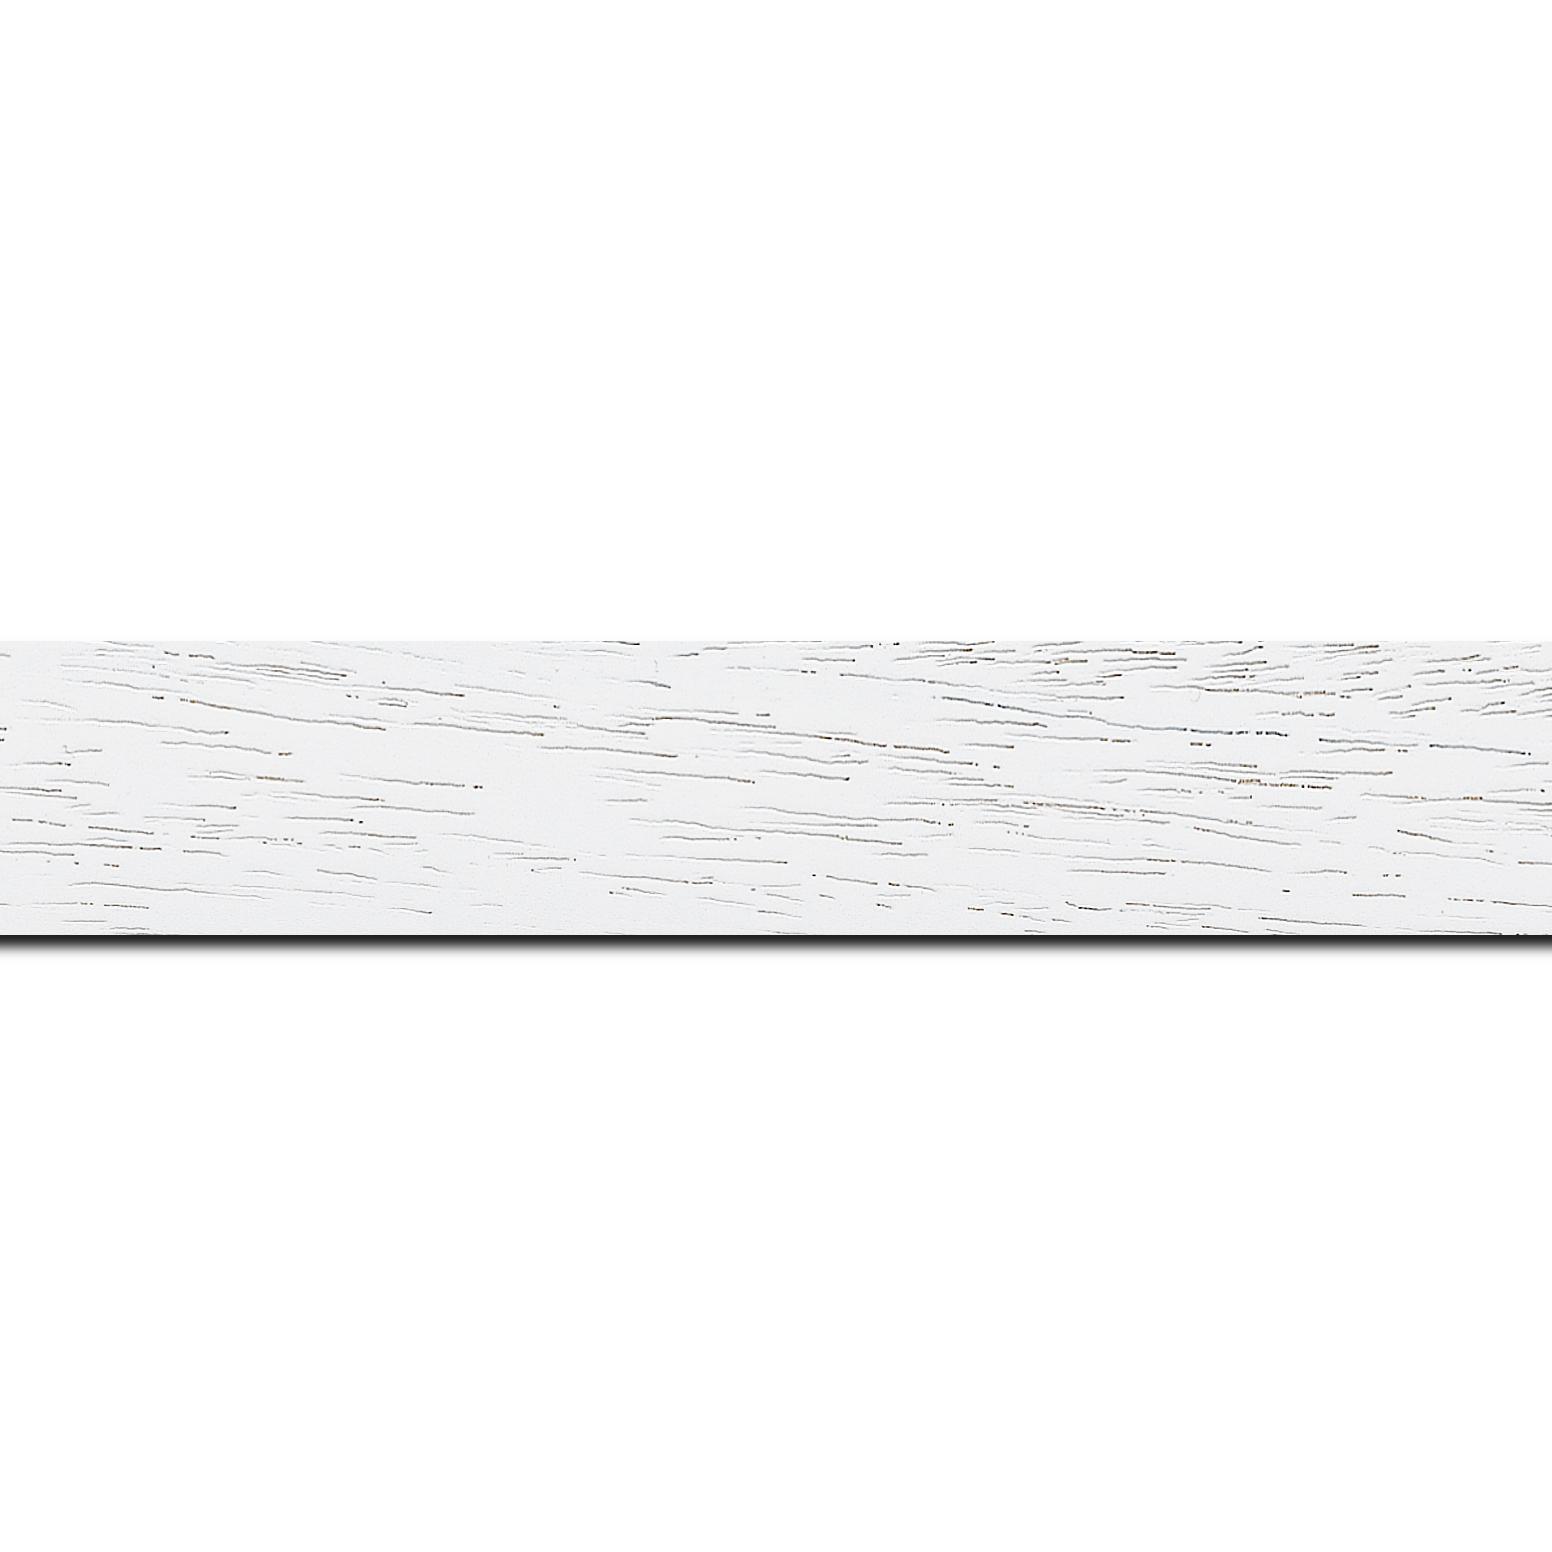 Baguette longueur 1.40m bois profil plat largeur 3cm couleur blanc satiné